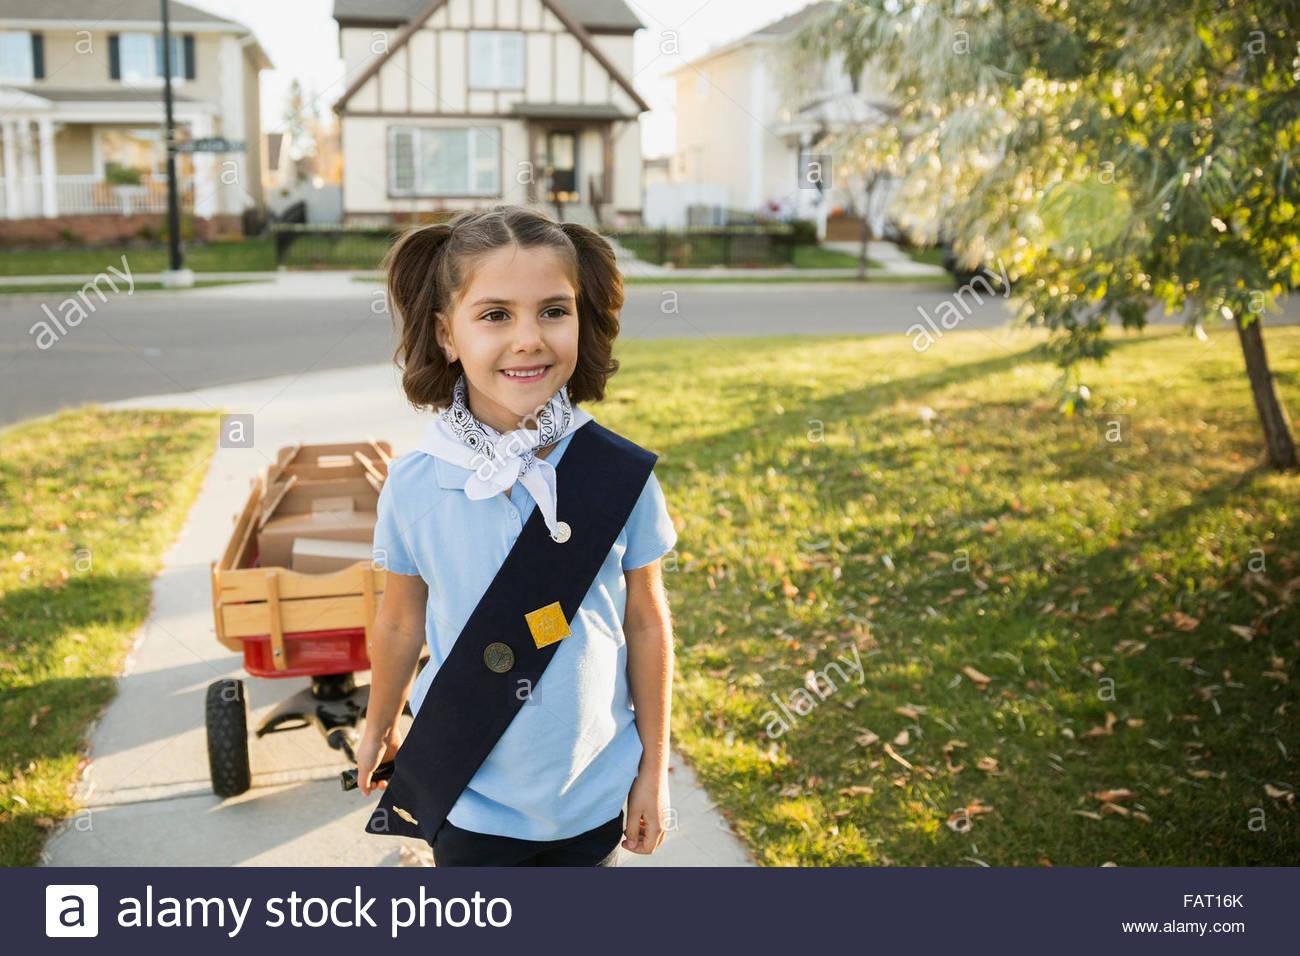 Lächelnde Pfadfinderin mit Wagen verkaufen Cookies Nachbarschaft Stockbild